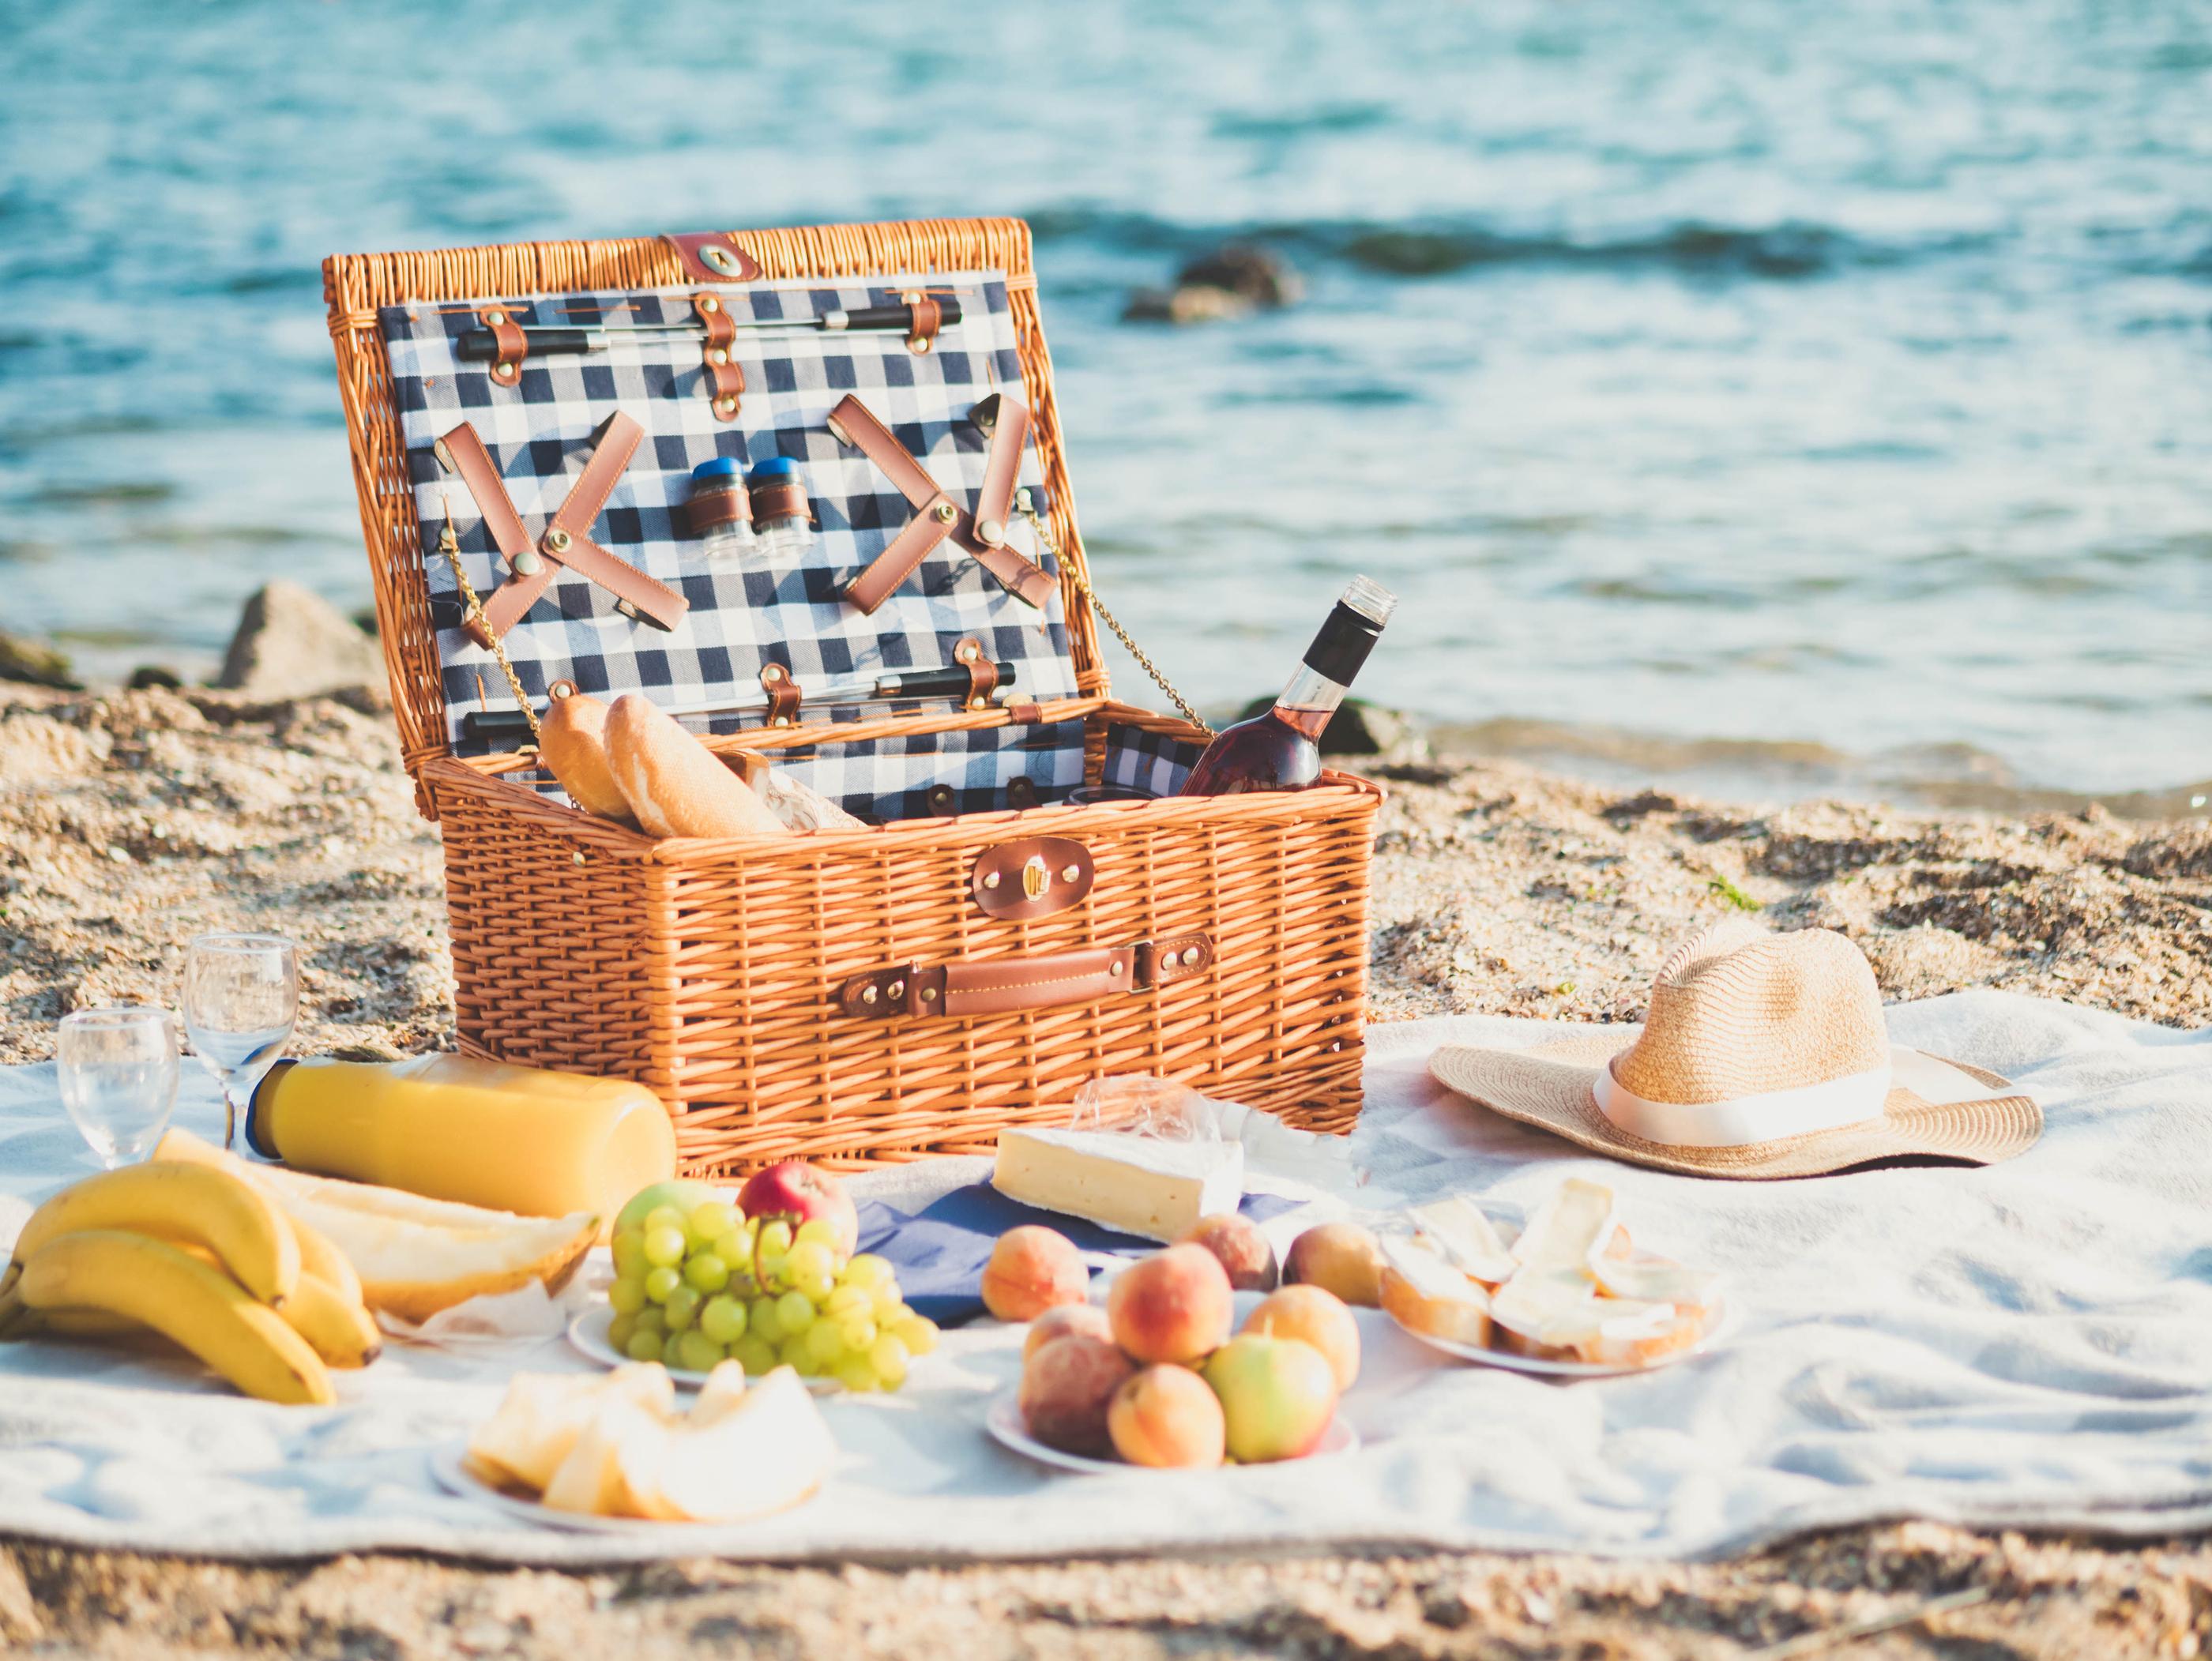 Il pranzo perfetto per andare a mare